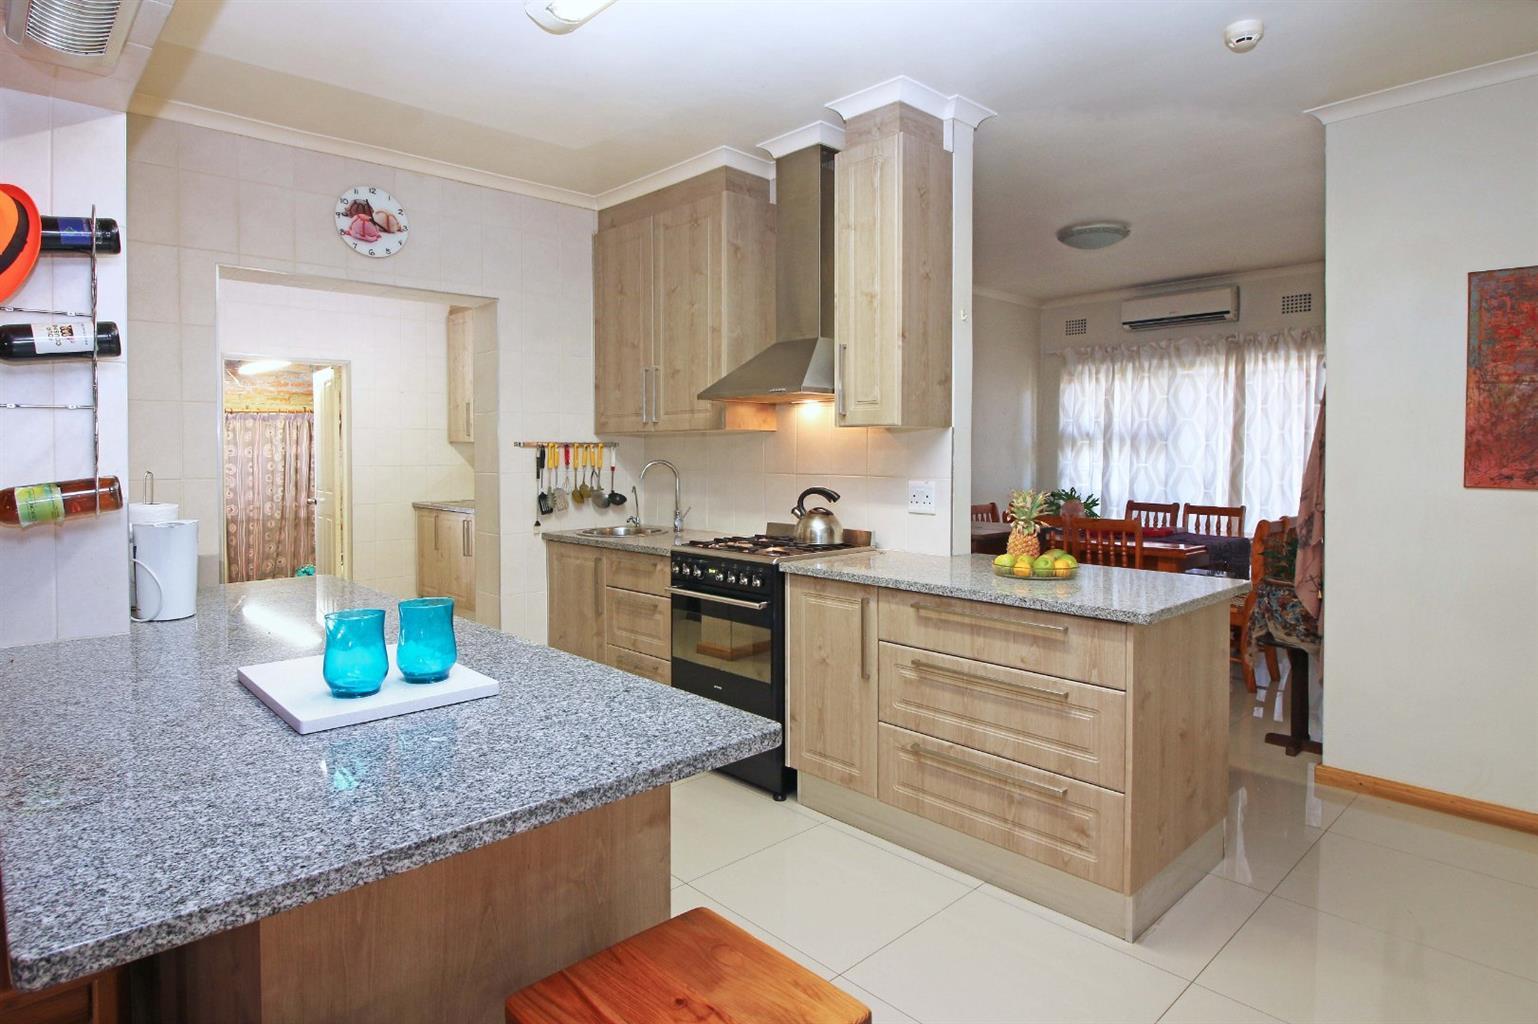 4 Bedroom House for Sale in Peerless Park North Kraaifontein